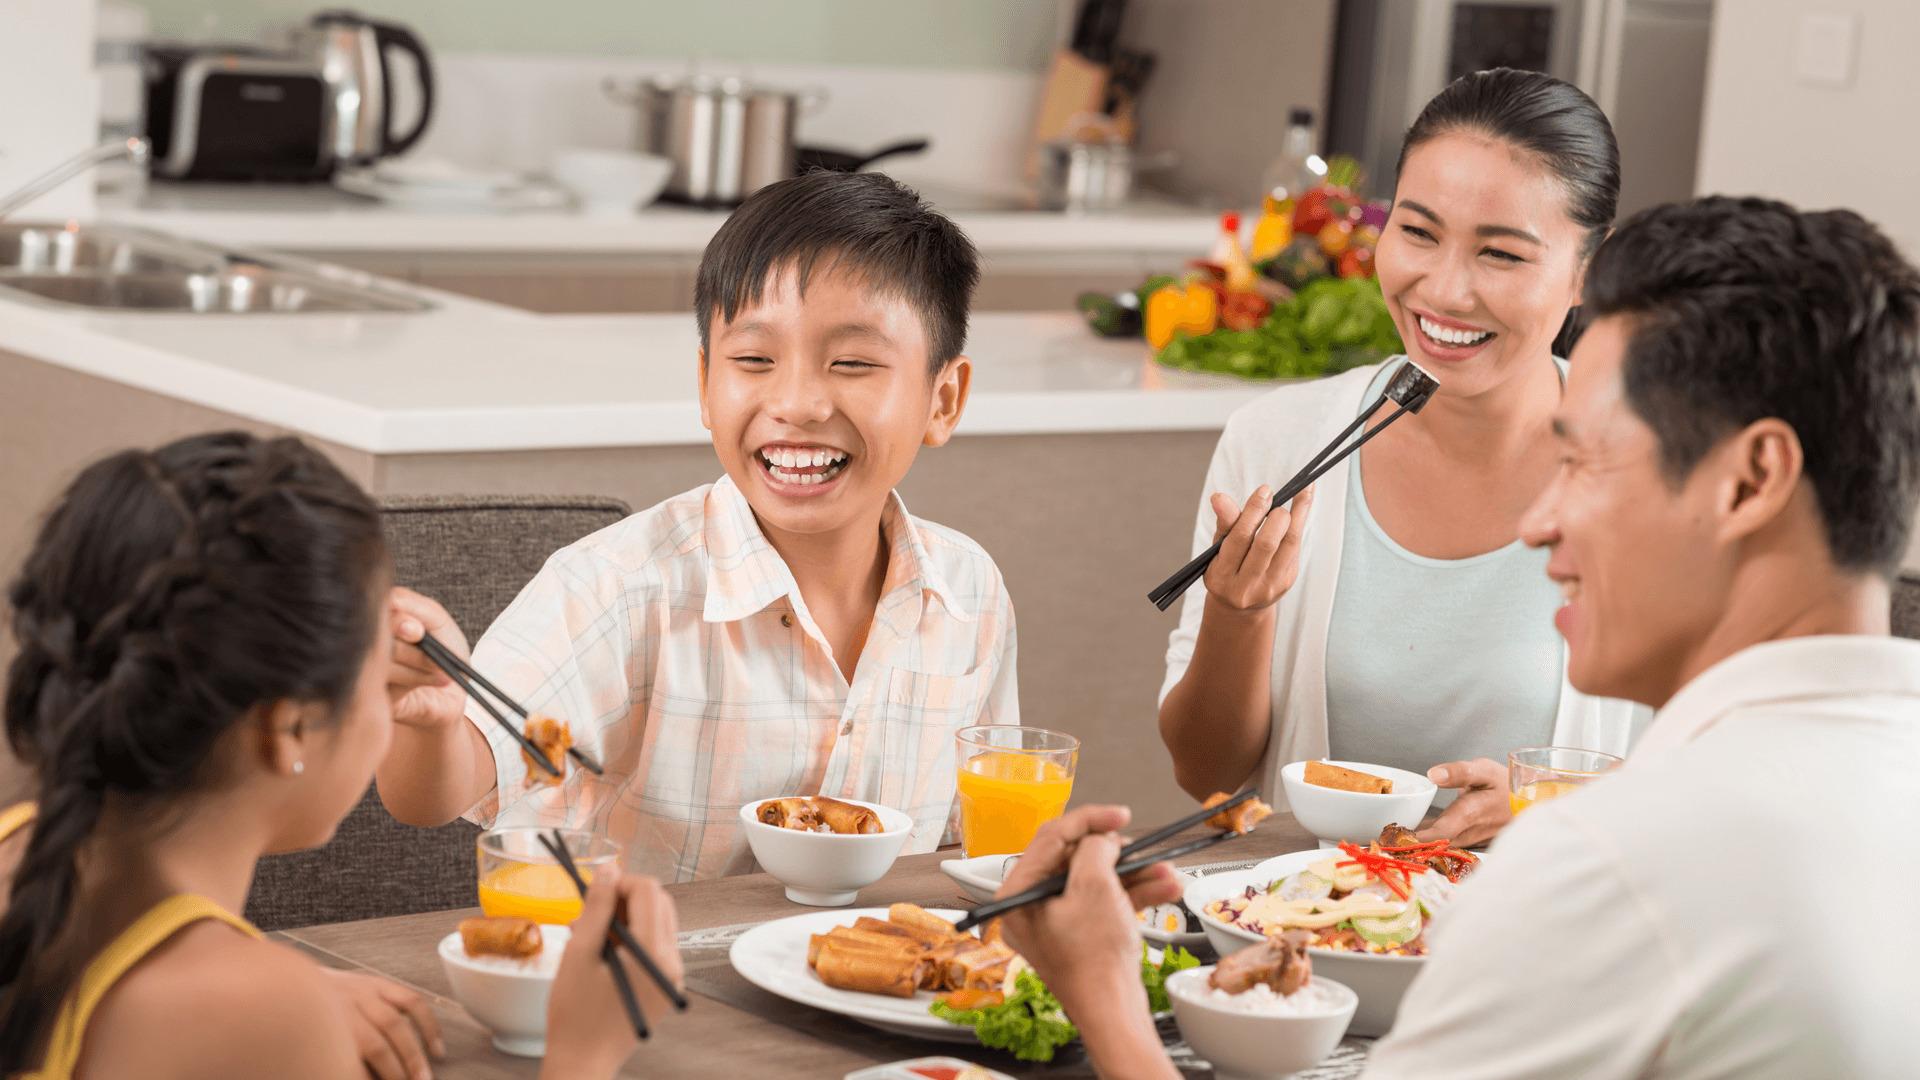 Tentatives de maintien de la tradition des repas familiaux au Vietnam